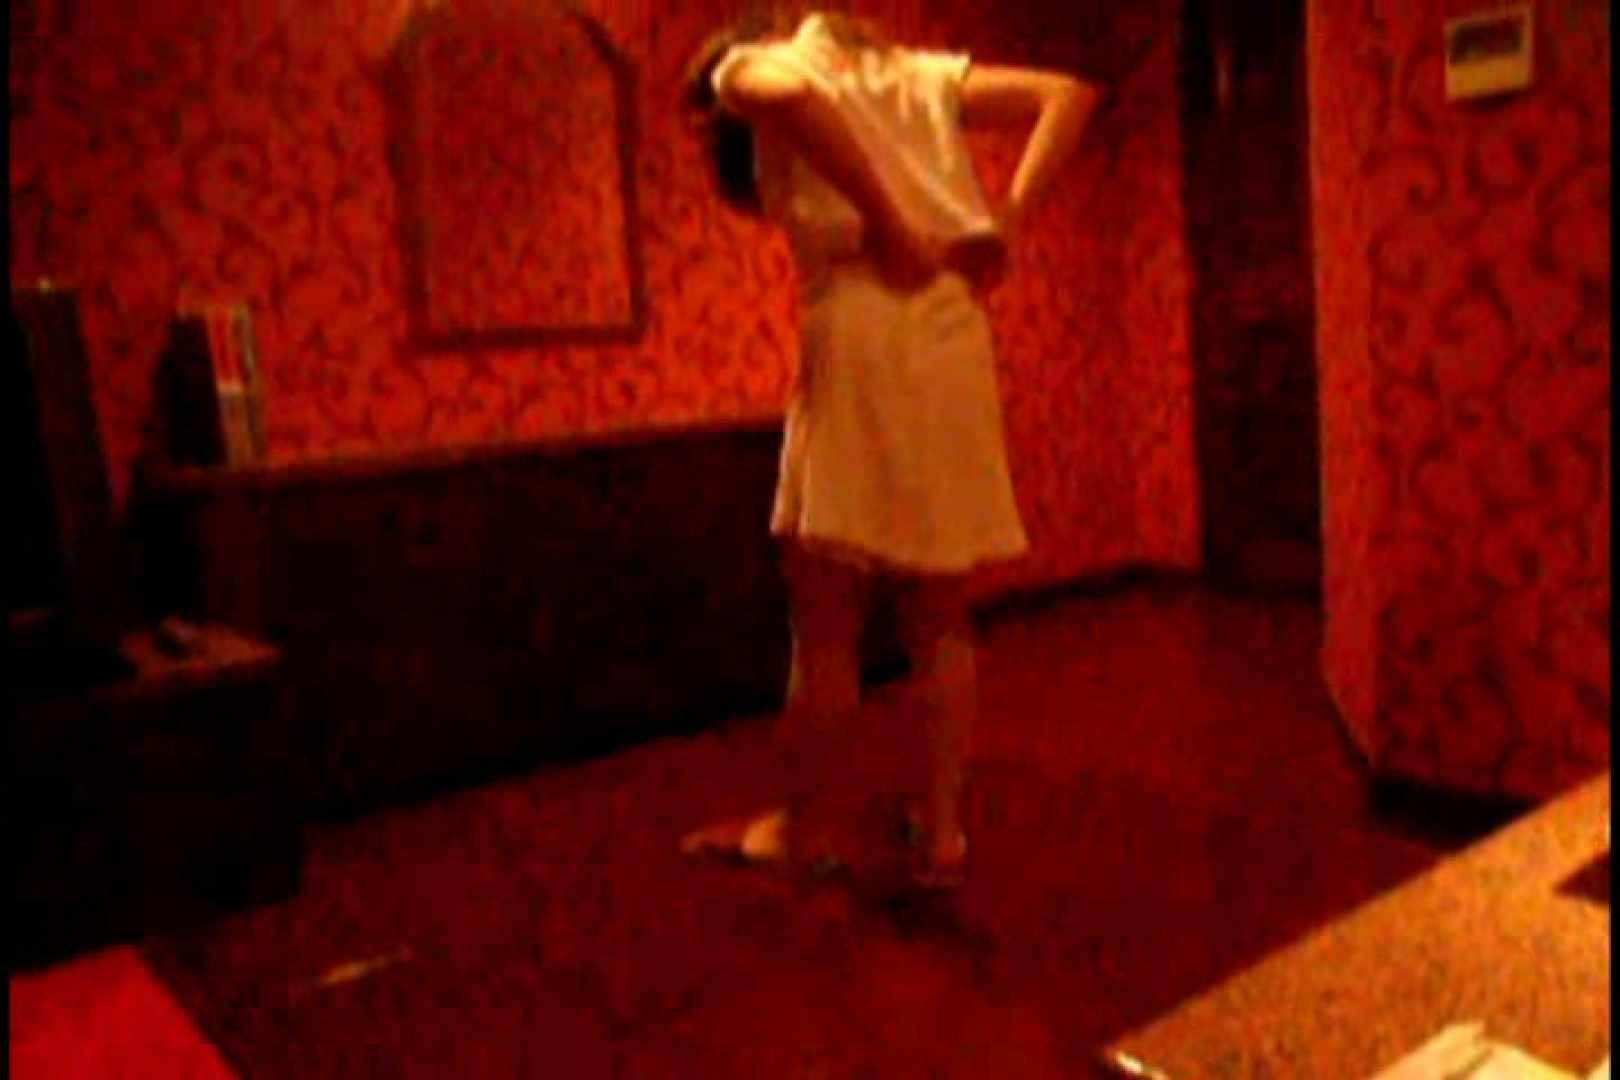 某掲示板に投稿された素人女性たちVOL.9 ホテル  94PIX 21